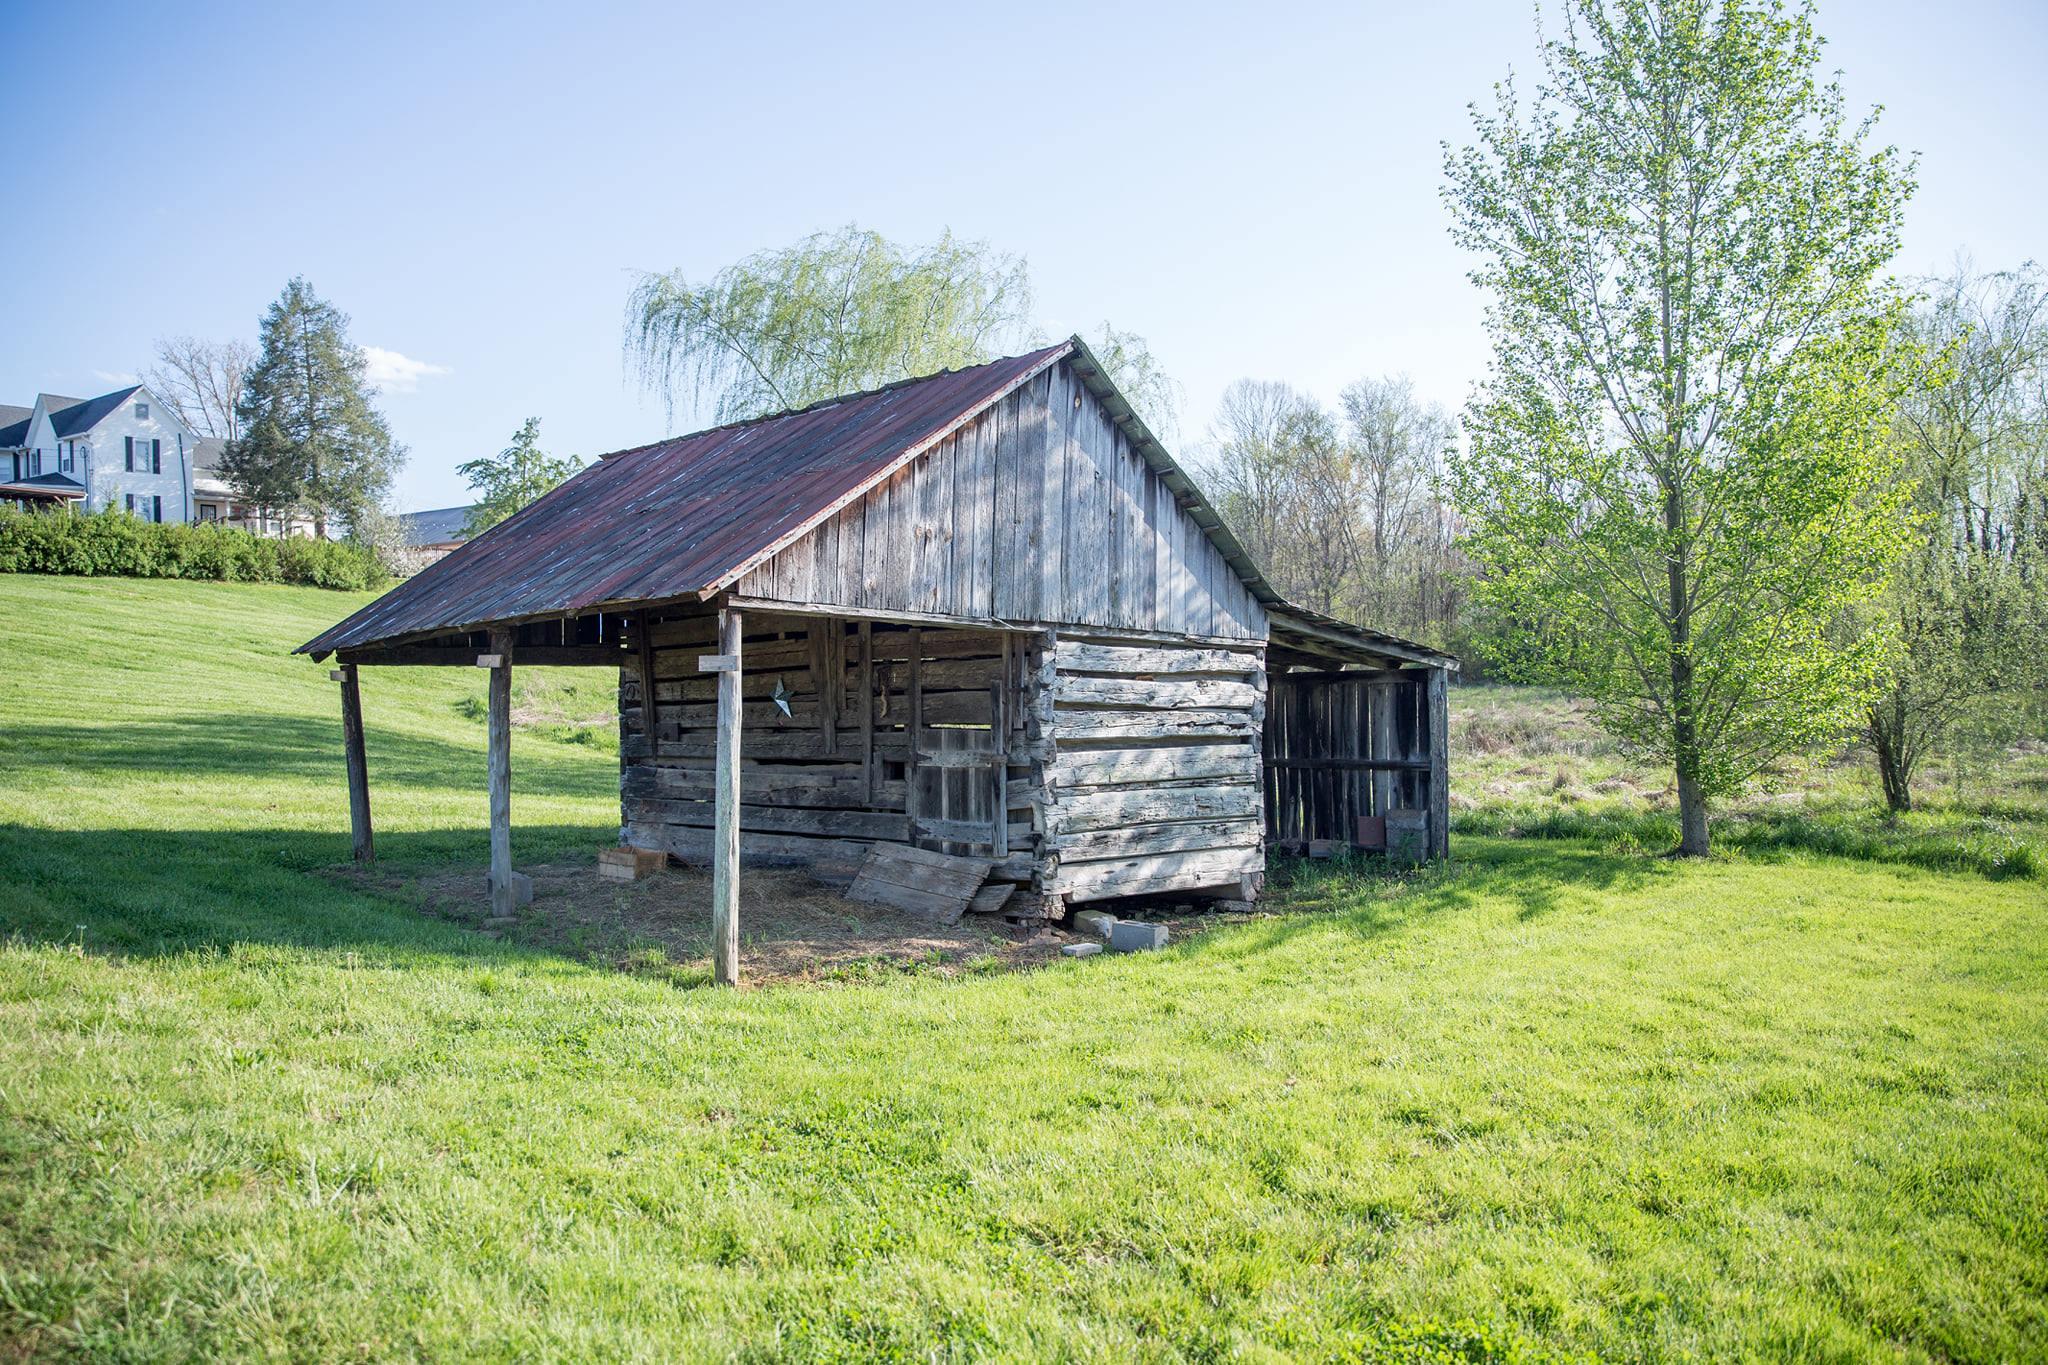 corn crib barn